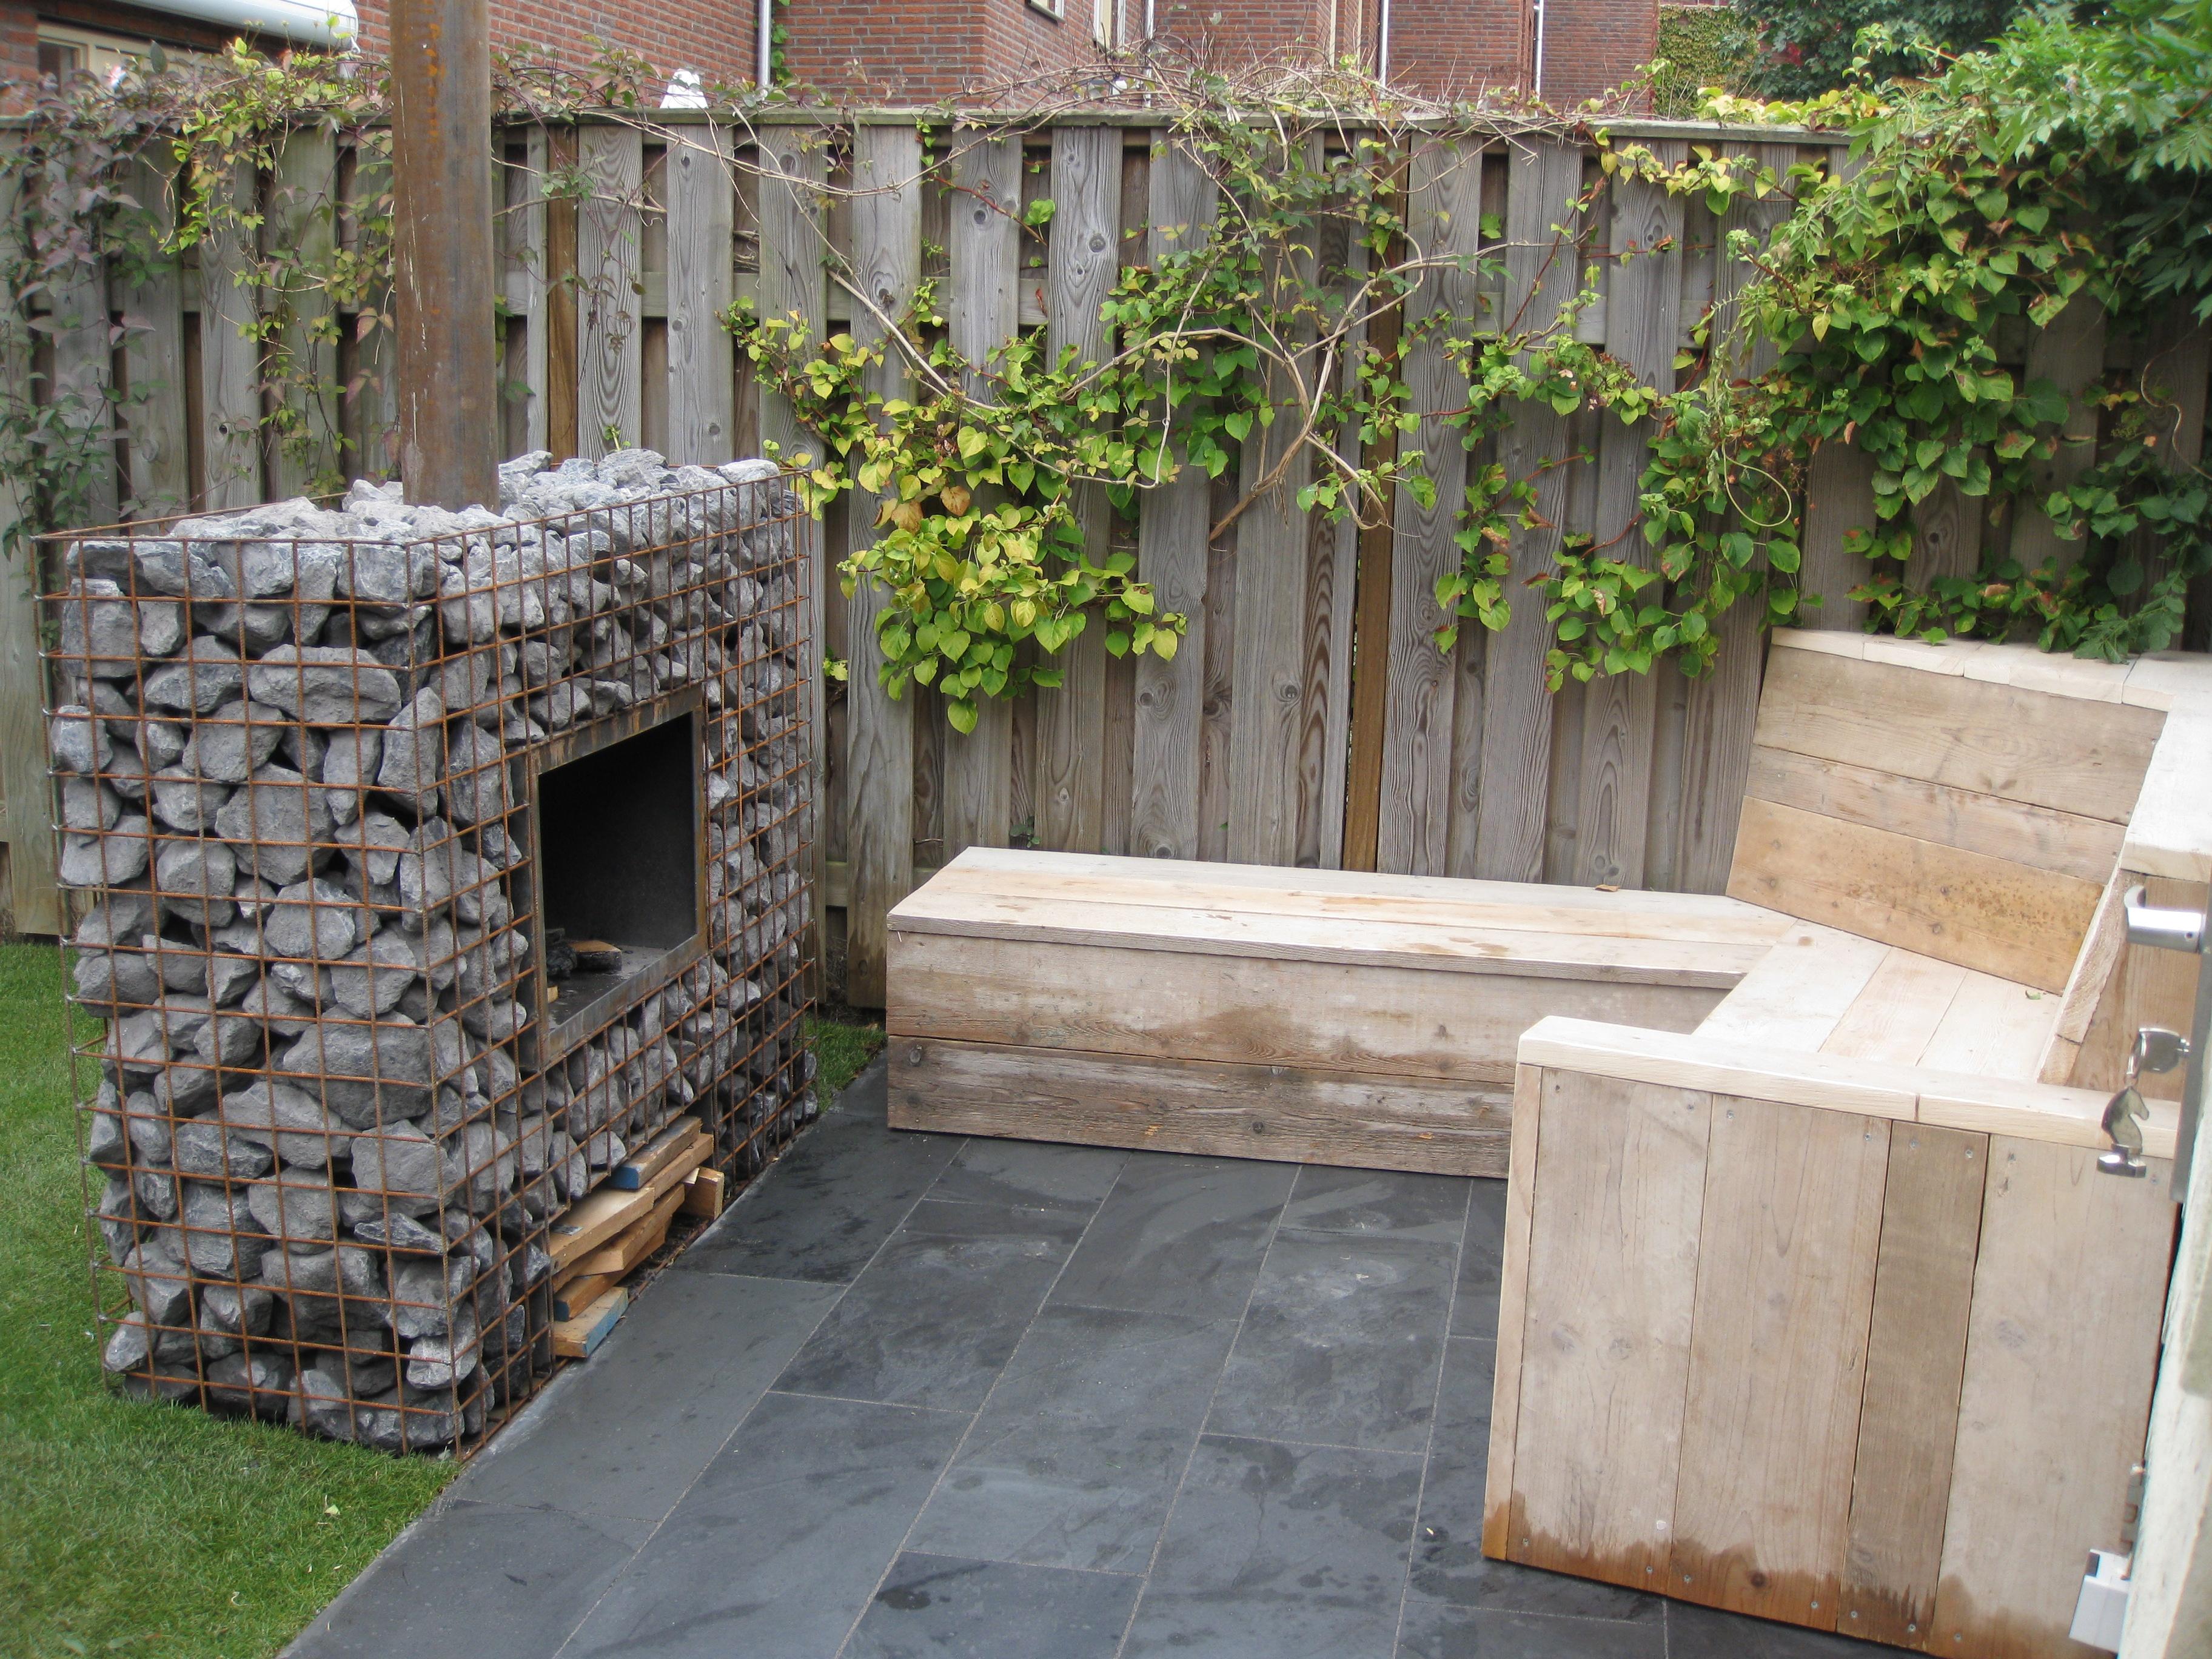 Wonderbaar Openhaard 01 - BGREEN | Tuinen en product verkoopBGREEN | Tuinen SO-08